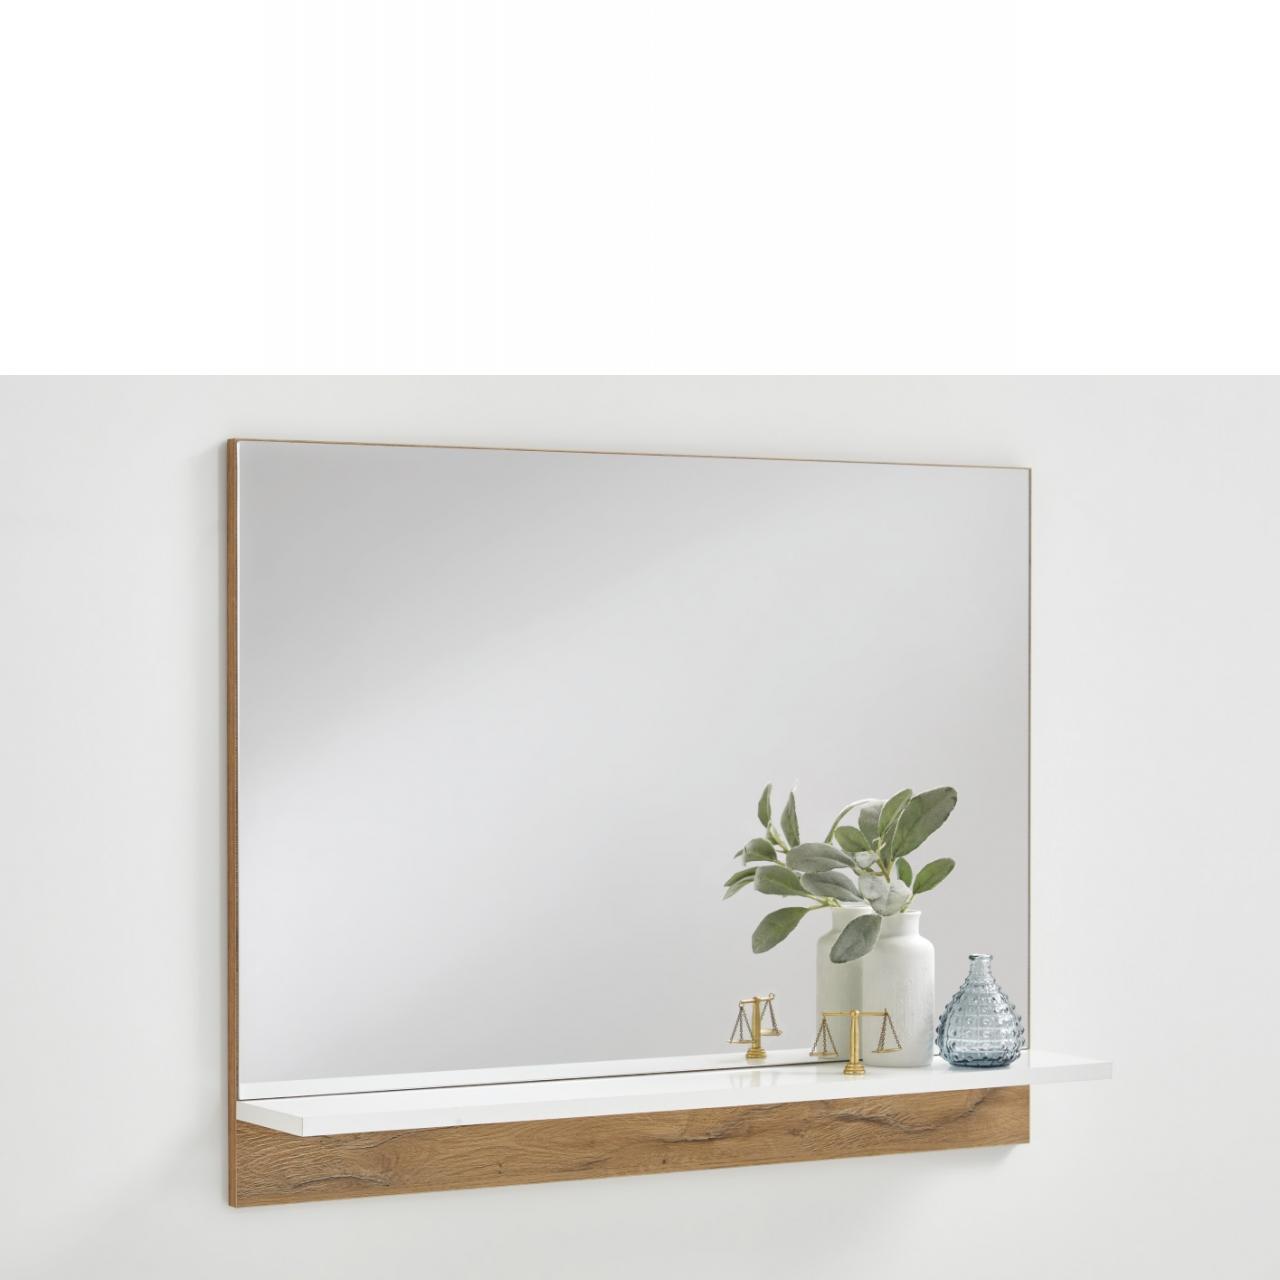 spiegel bristol 400 4020 400 spiegel wohnen m bel j hnichen center gmbh. Black Bedroom Furniture Sets. Home Design Ideas